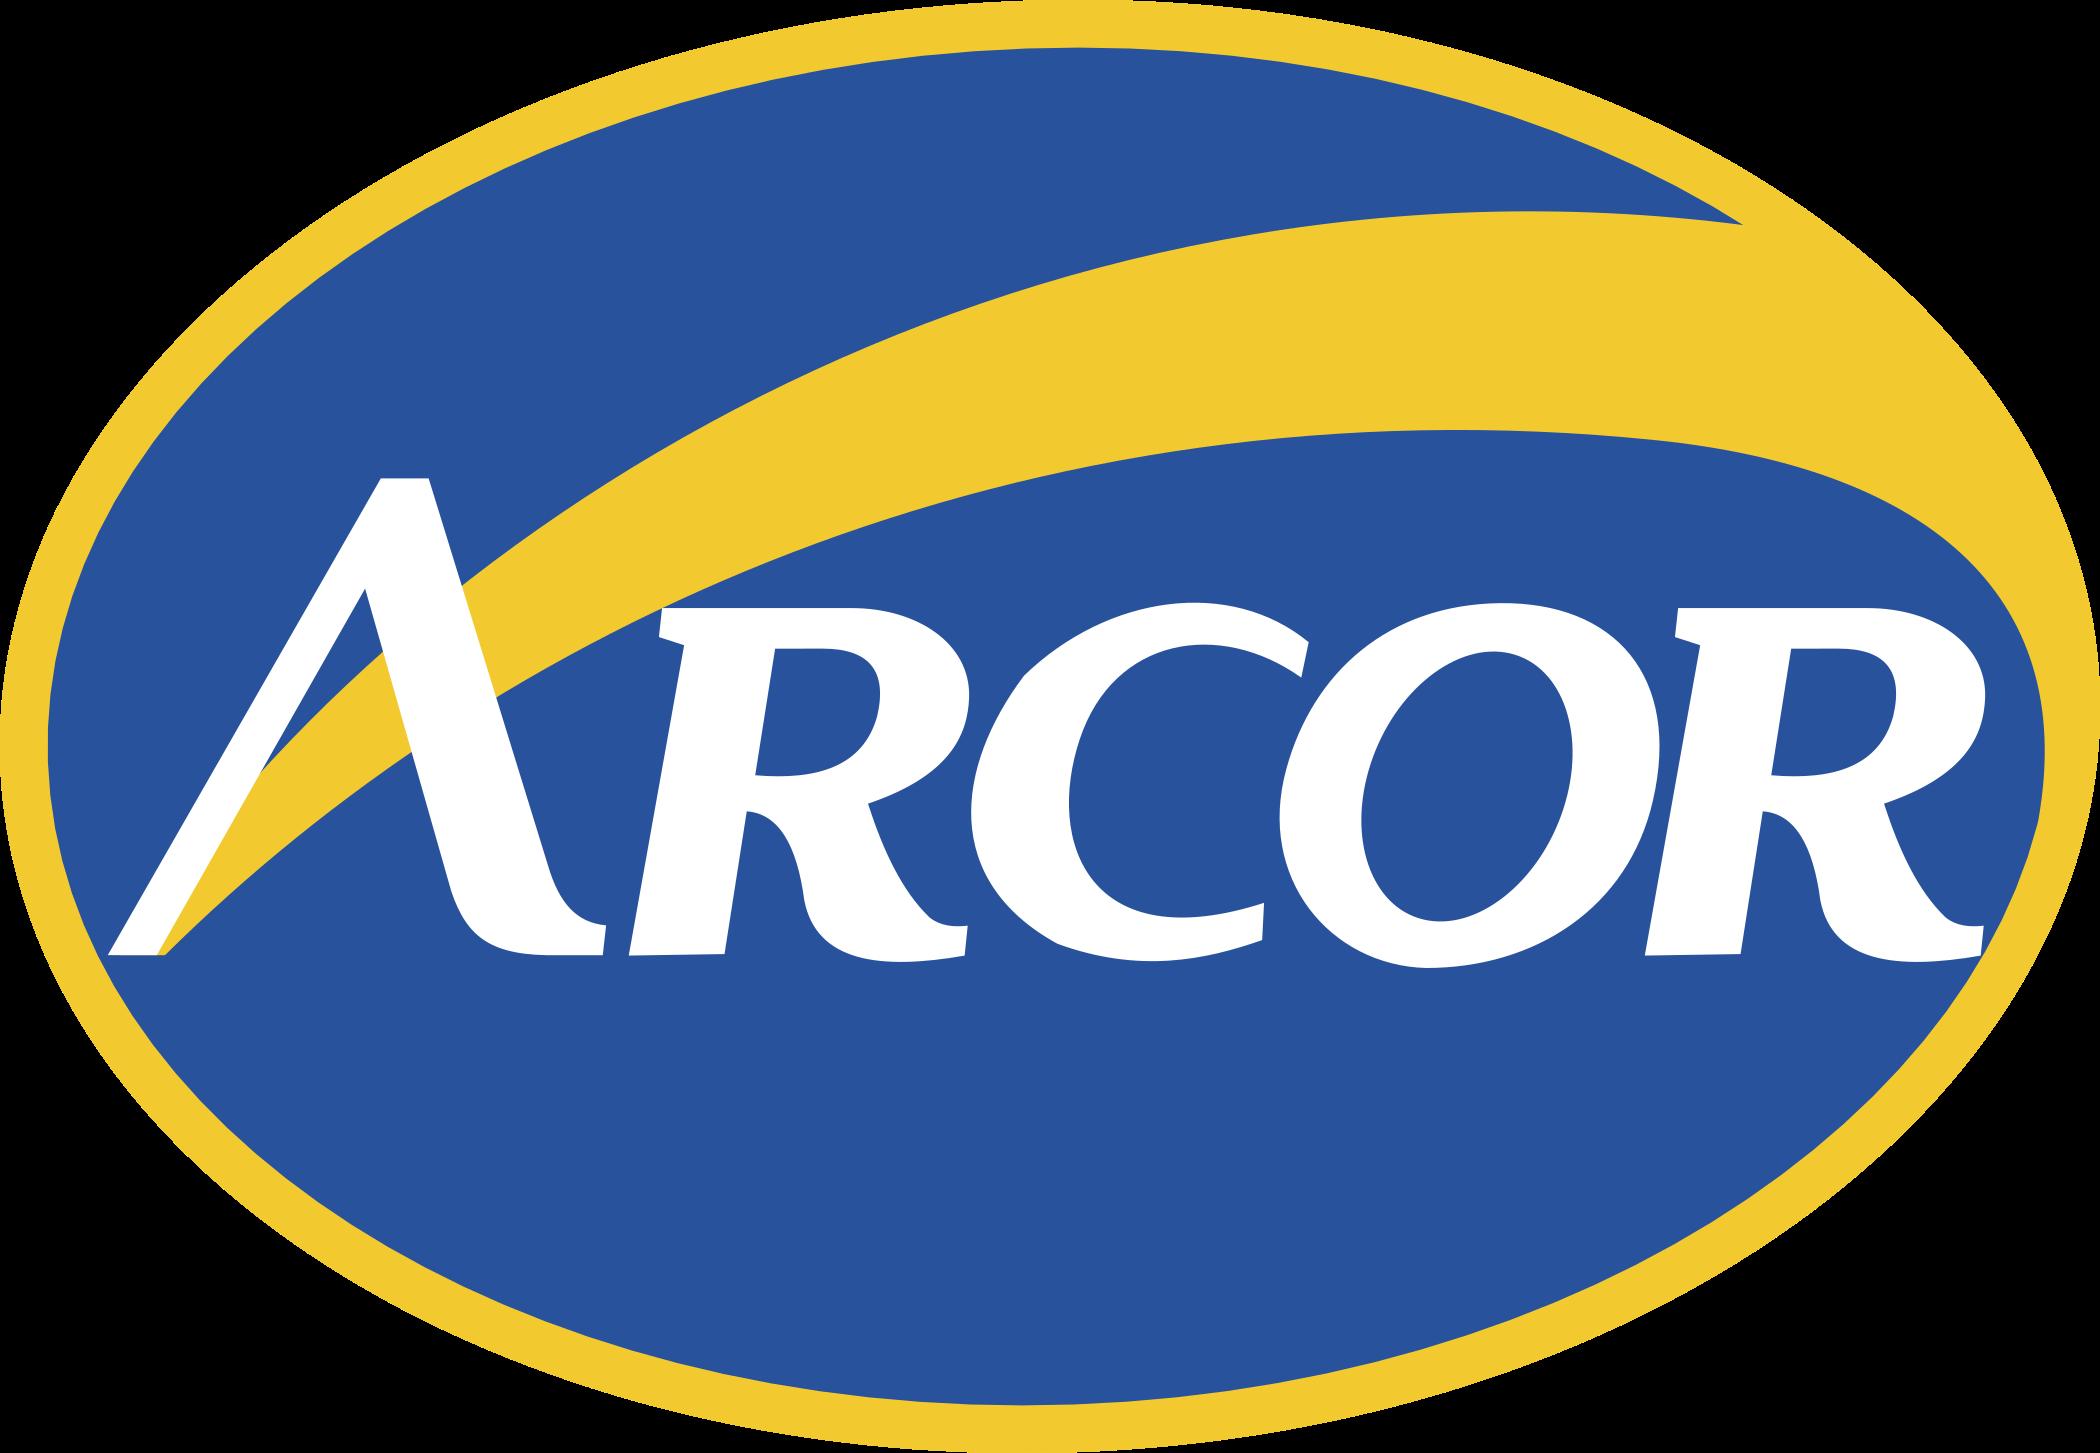 arcor logo 1 - Arcor Logo